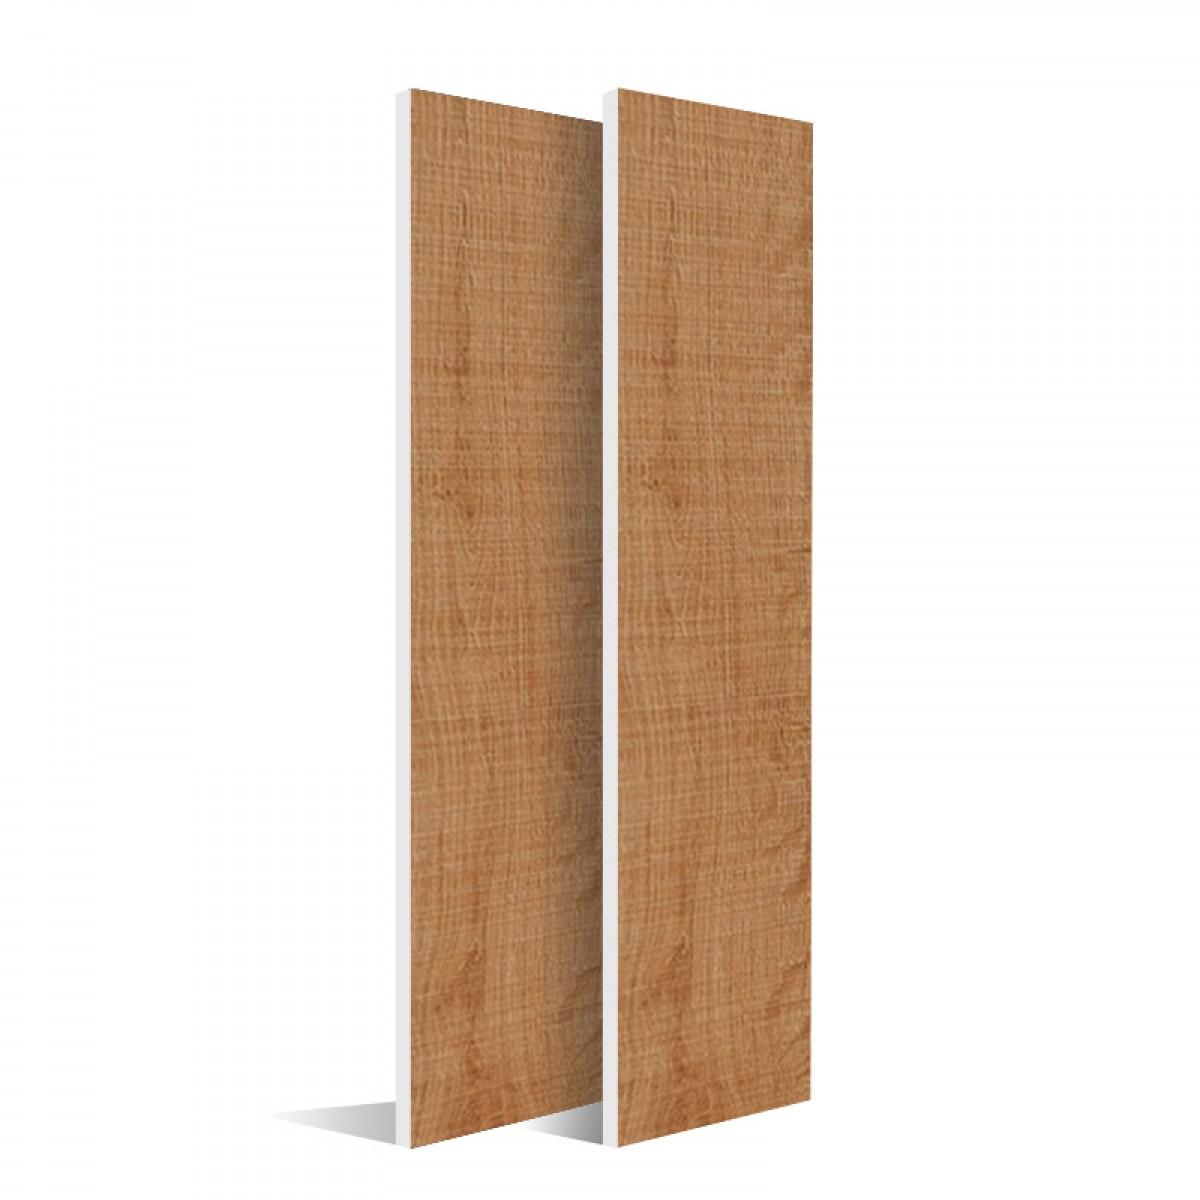 金钢铂林 进口强化地板 西部橡木 LA110M 1288*195*8mm